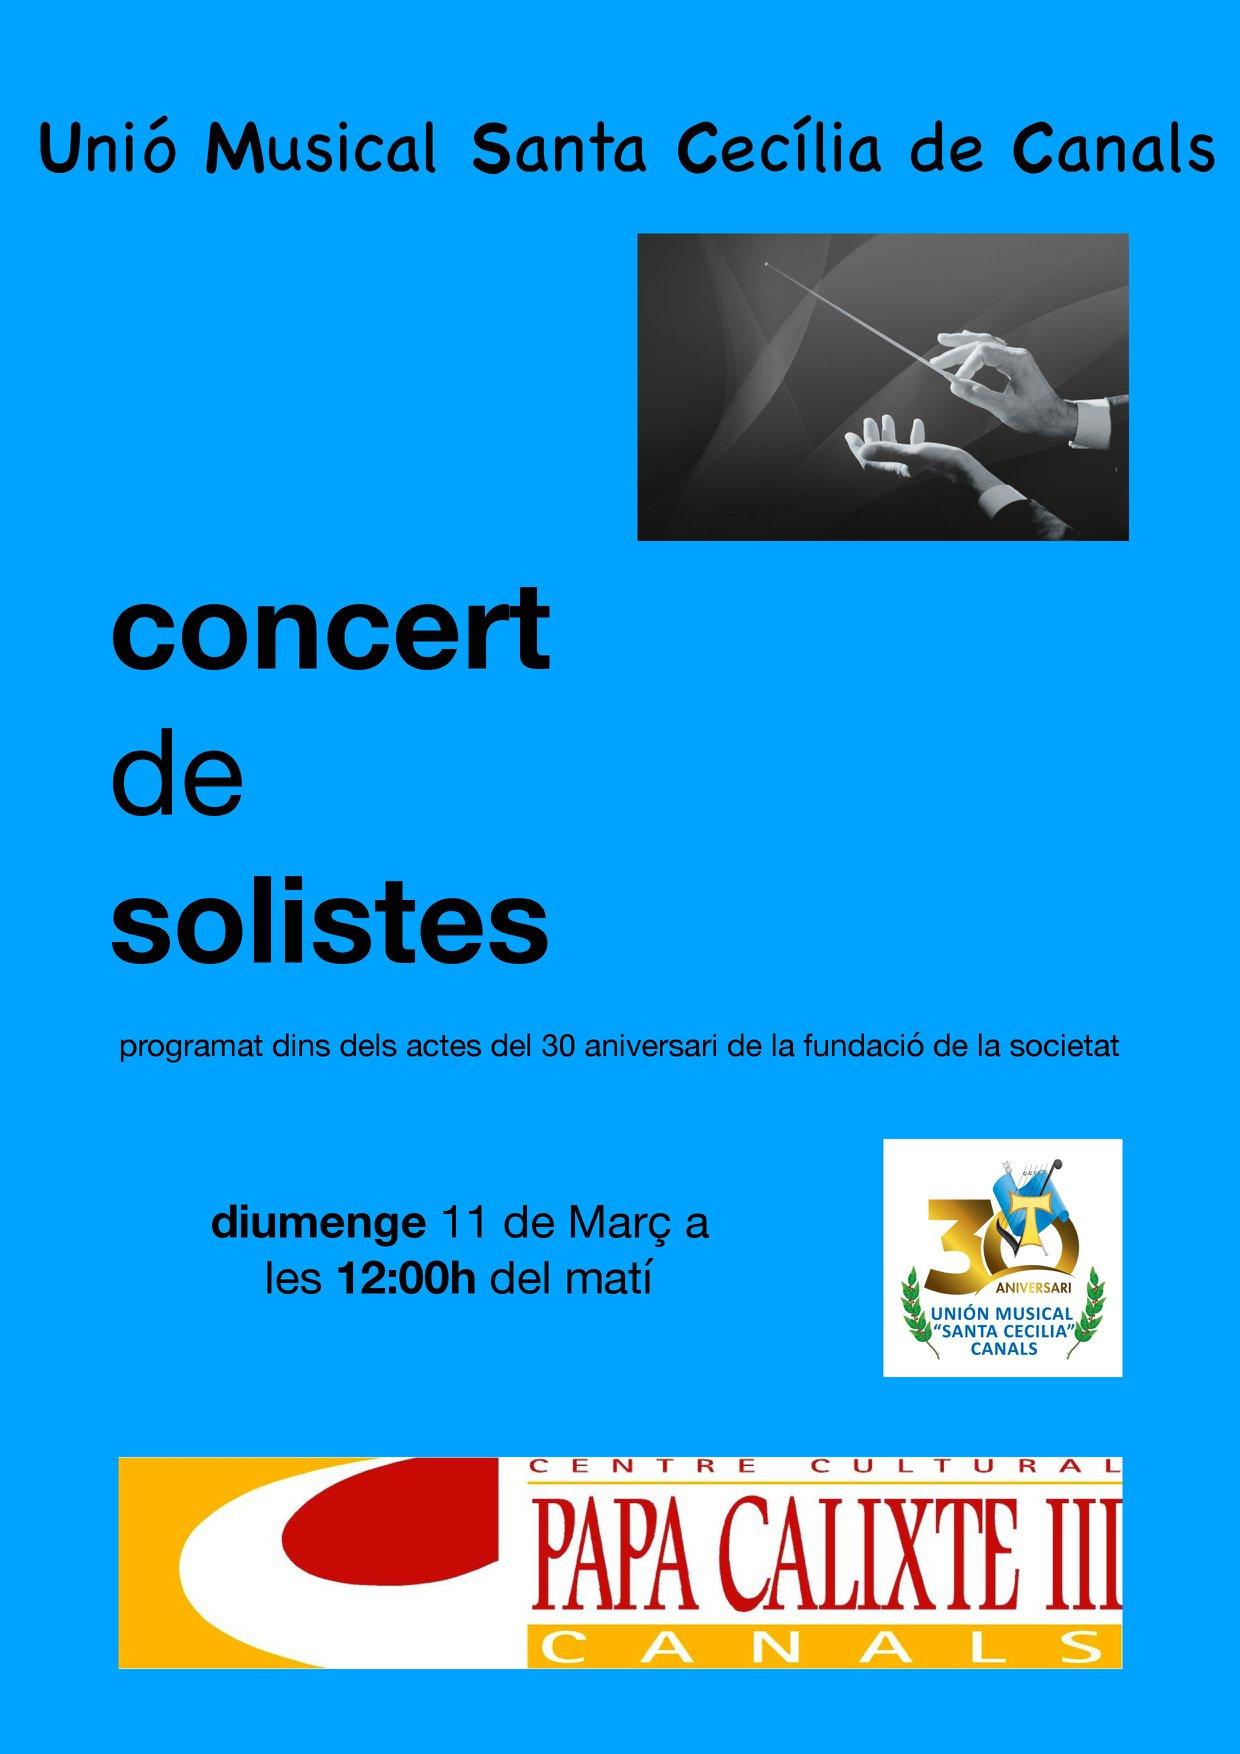 La UMSC inicia la celebració del 30 aniversari el proxim diumenge amb un concert de solistes